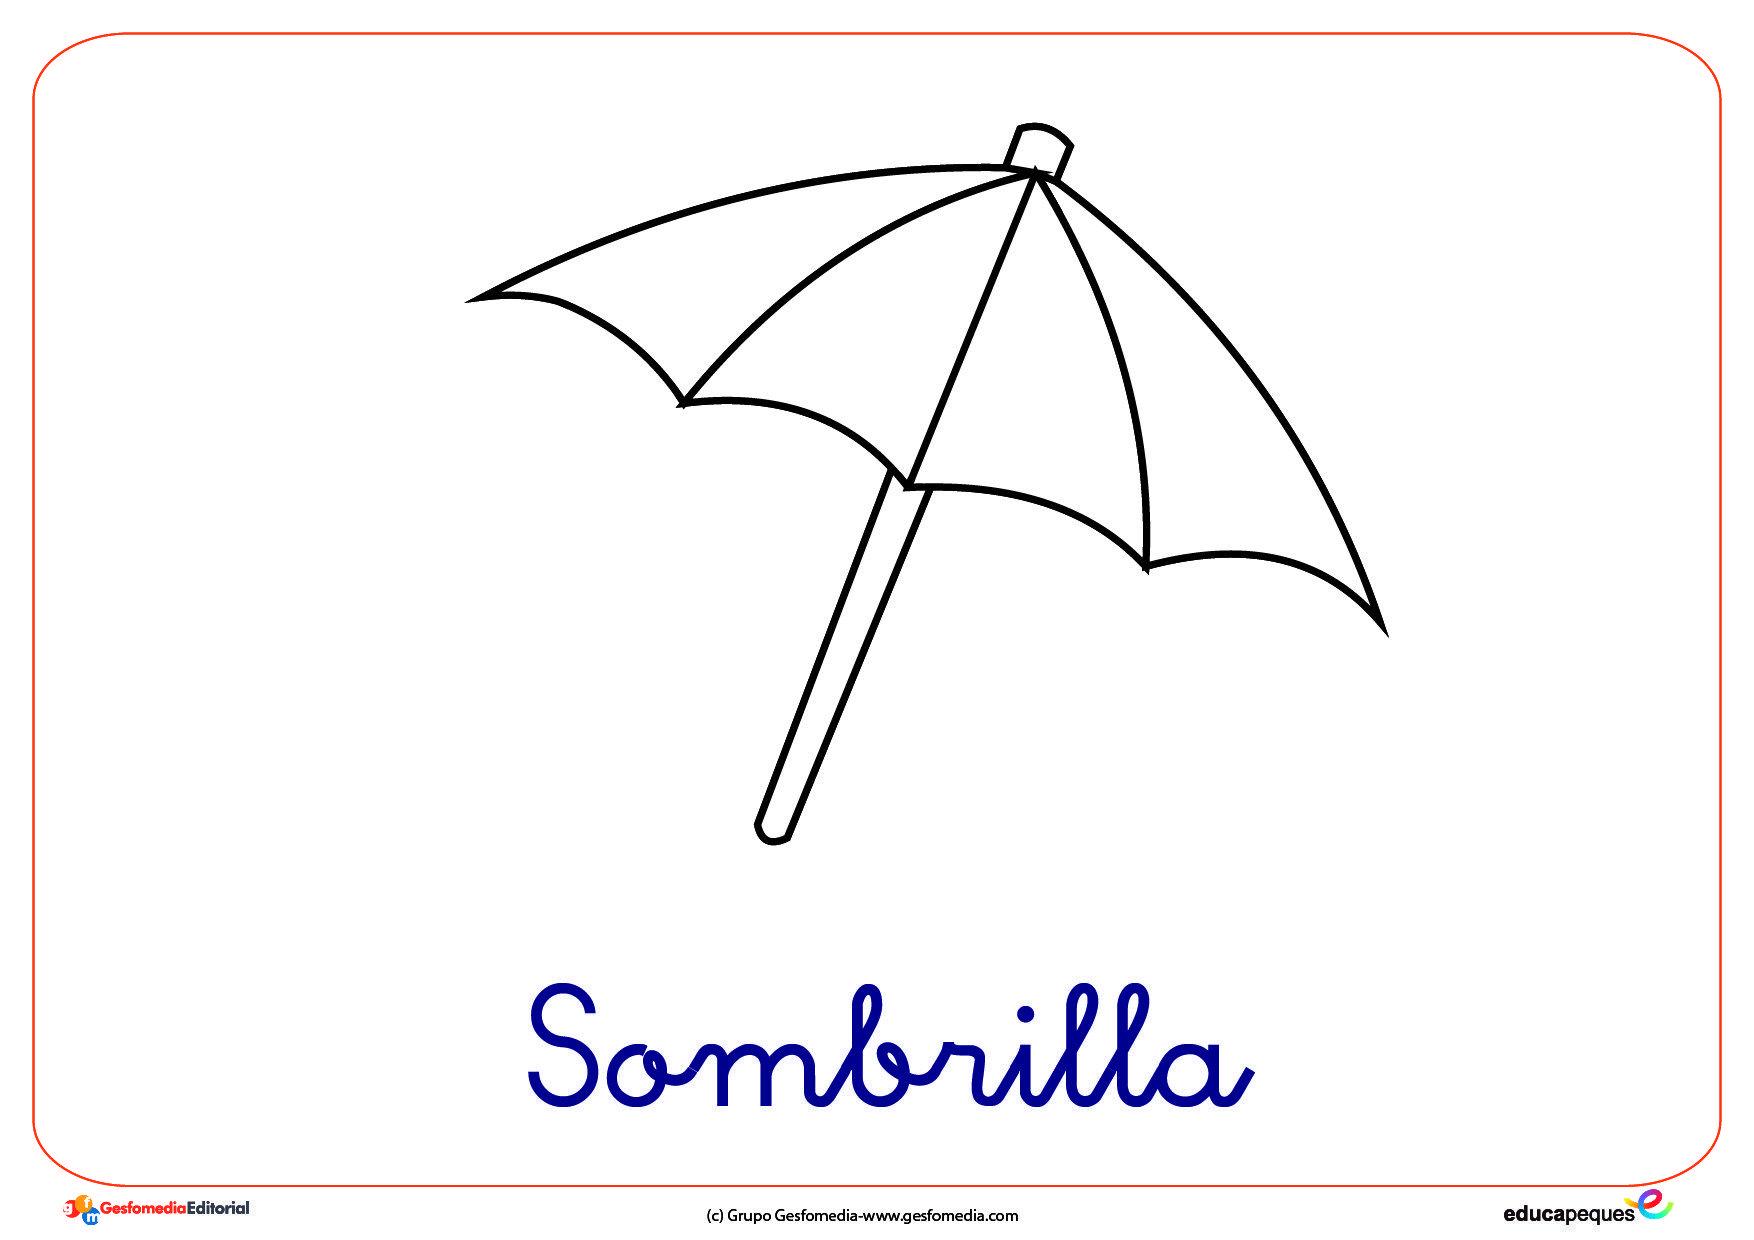 Sombrilla Ficha Verano Colorear El Portal De Educapeques Sombra Playa Dibujo Colores